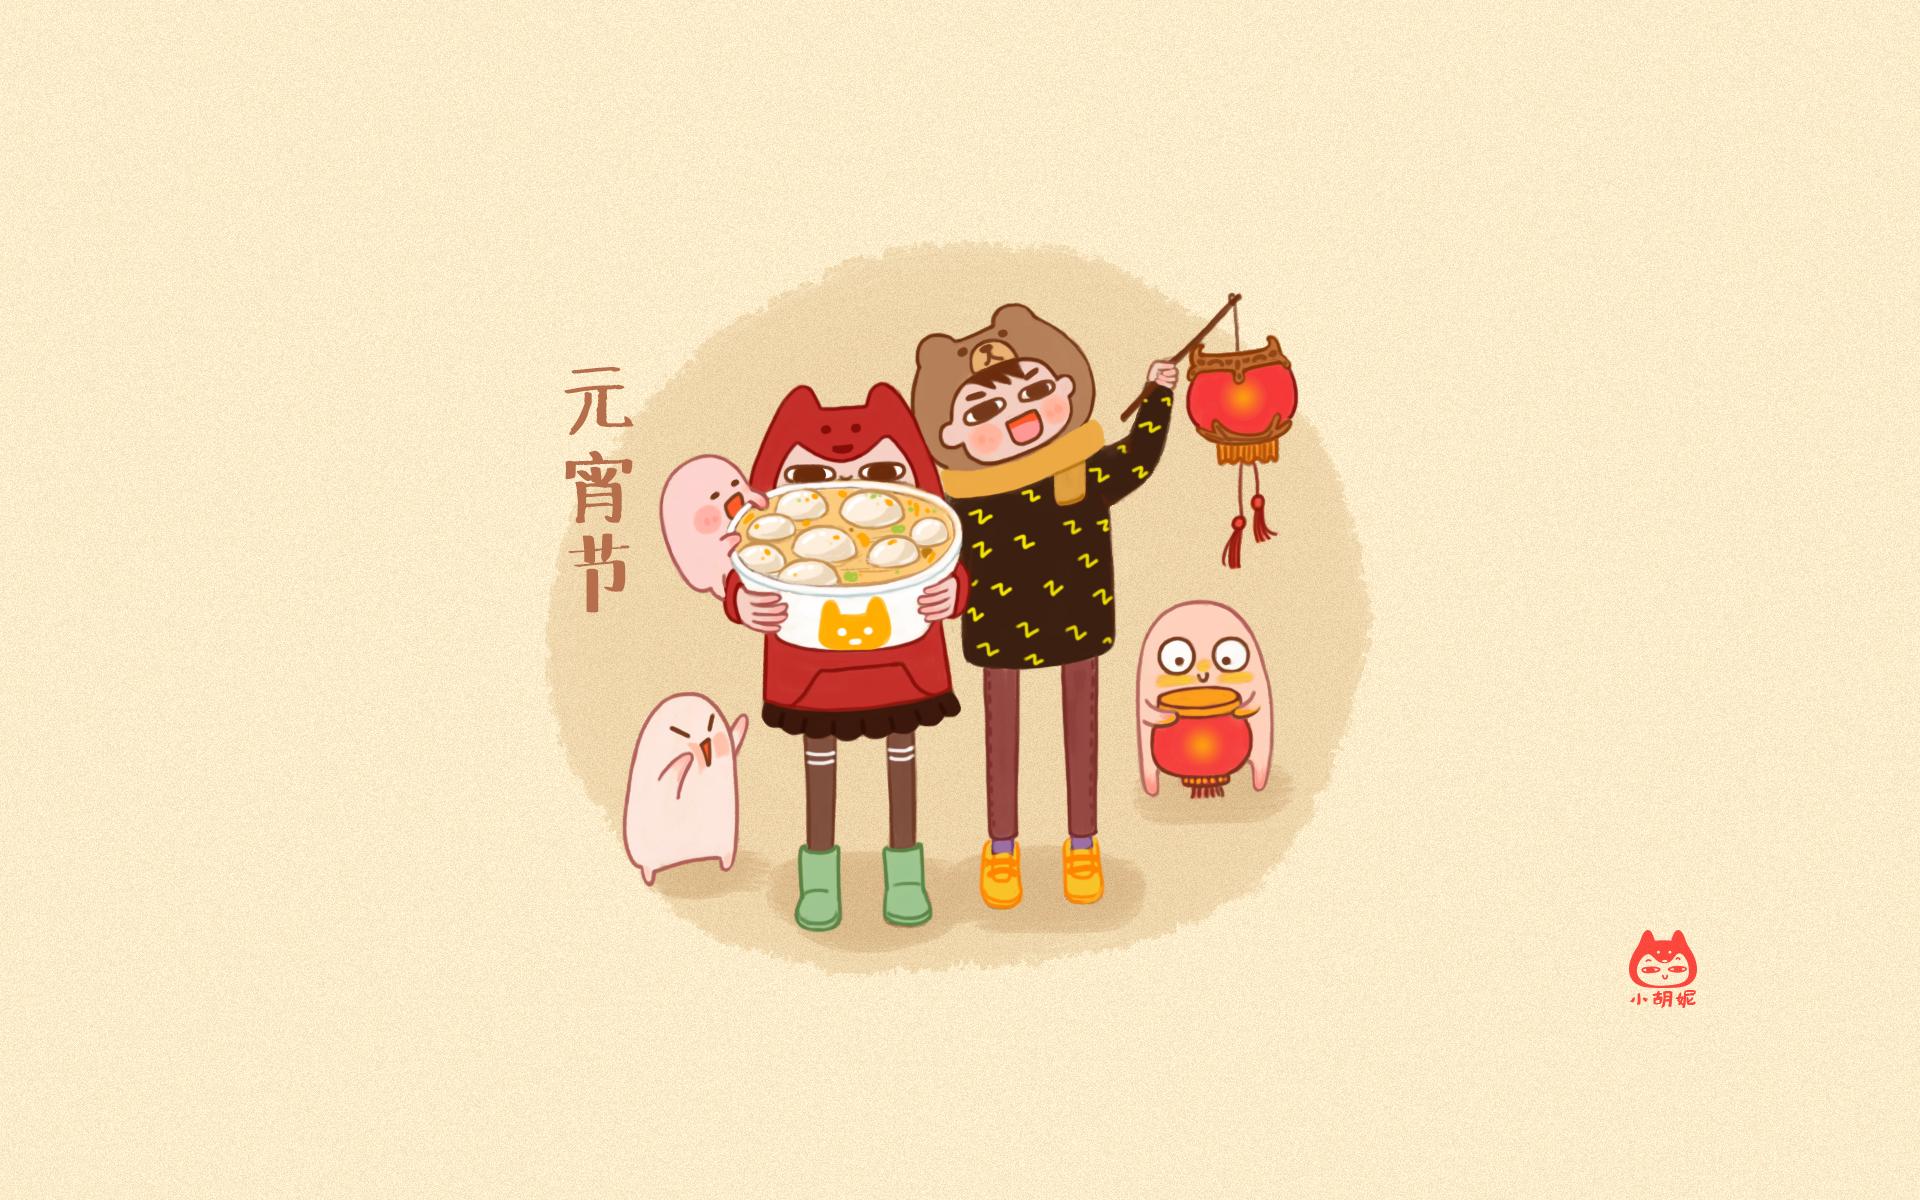 """传统新年除夕风俗手绘元宵节PPT背景图片免费下载是由PPT宝藏(www.pptbz.com)会员zengmin上传推荐的简约PPT背景图片, 更新时间为2017-01-20,素材编号120300。 农历正月十五元宵节,又称为上元节,是中国汉族和部分兄弟民族的传统节日之一,在2000多年前的秦朝就有了。汉文帝时,下令将正月十五定为元宵节。 传说元宵节是汉文帝时为纪念""""平吕""""而设。汉高祖刘邦死后,吕后之子刘盈登基元宵节为汉惠帝。惠帝生性懦弱,优柔寡断,大权渐渐落在吕后手中.汉惠帝病死"""